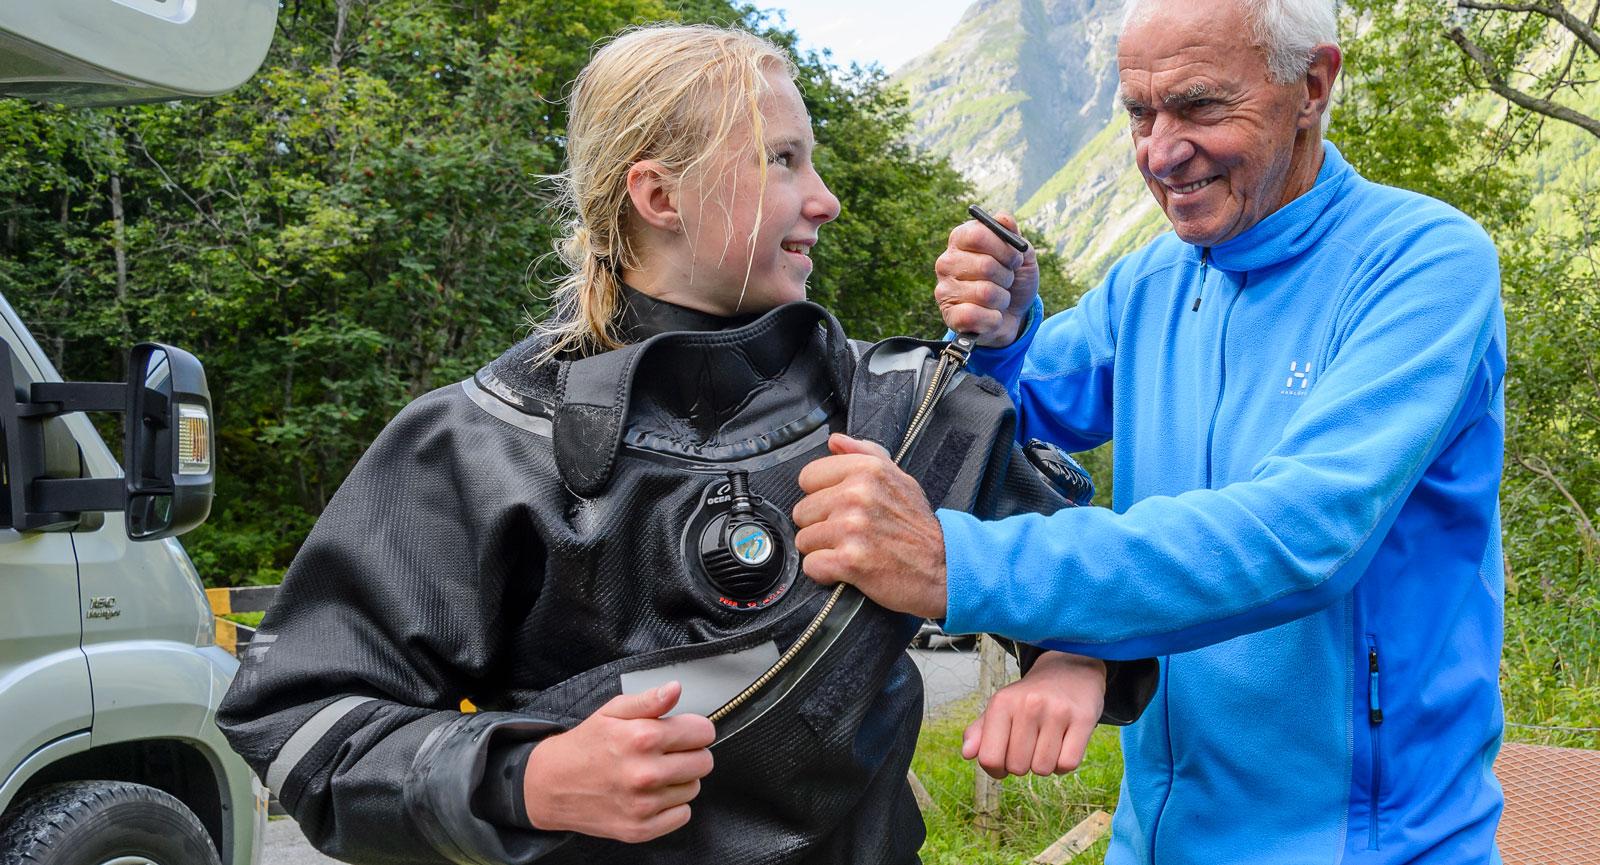 Pappa Egon dyker inte själv, men får agera dykassistent åt hustrun Annette och dottern Thilda när de är ute på dykäventyr.